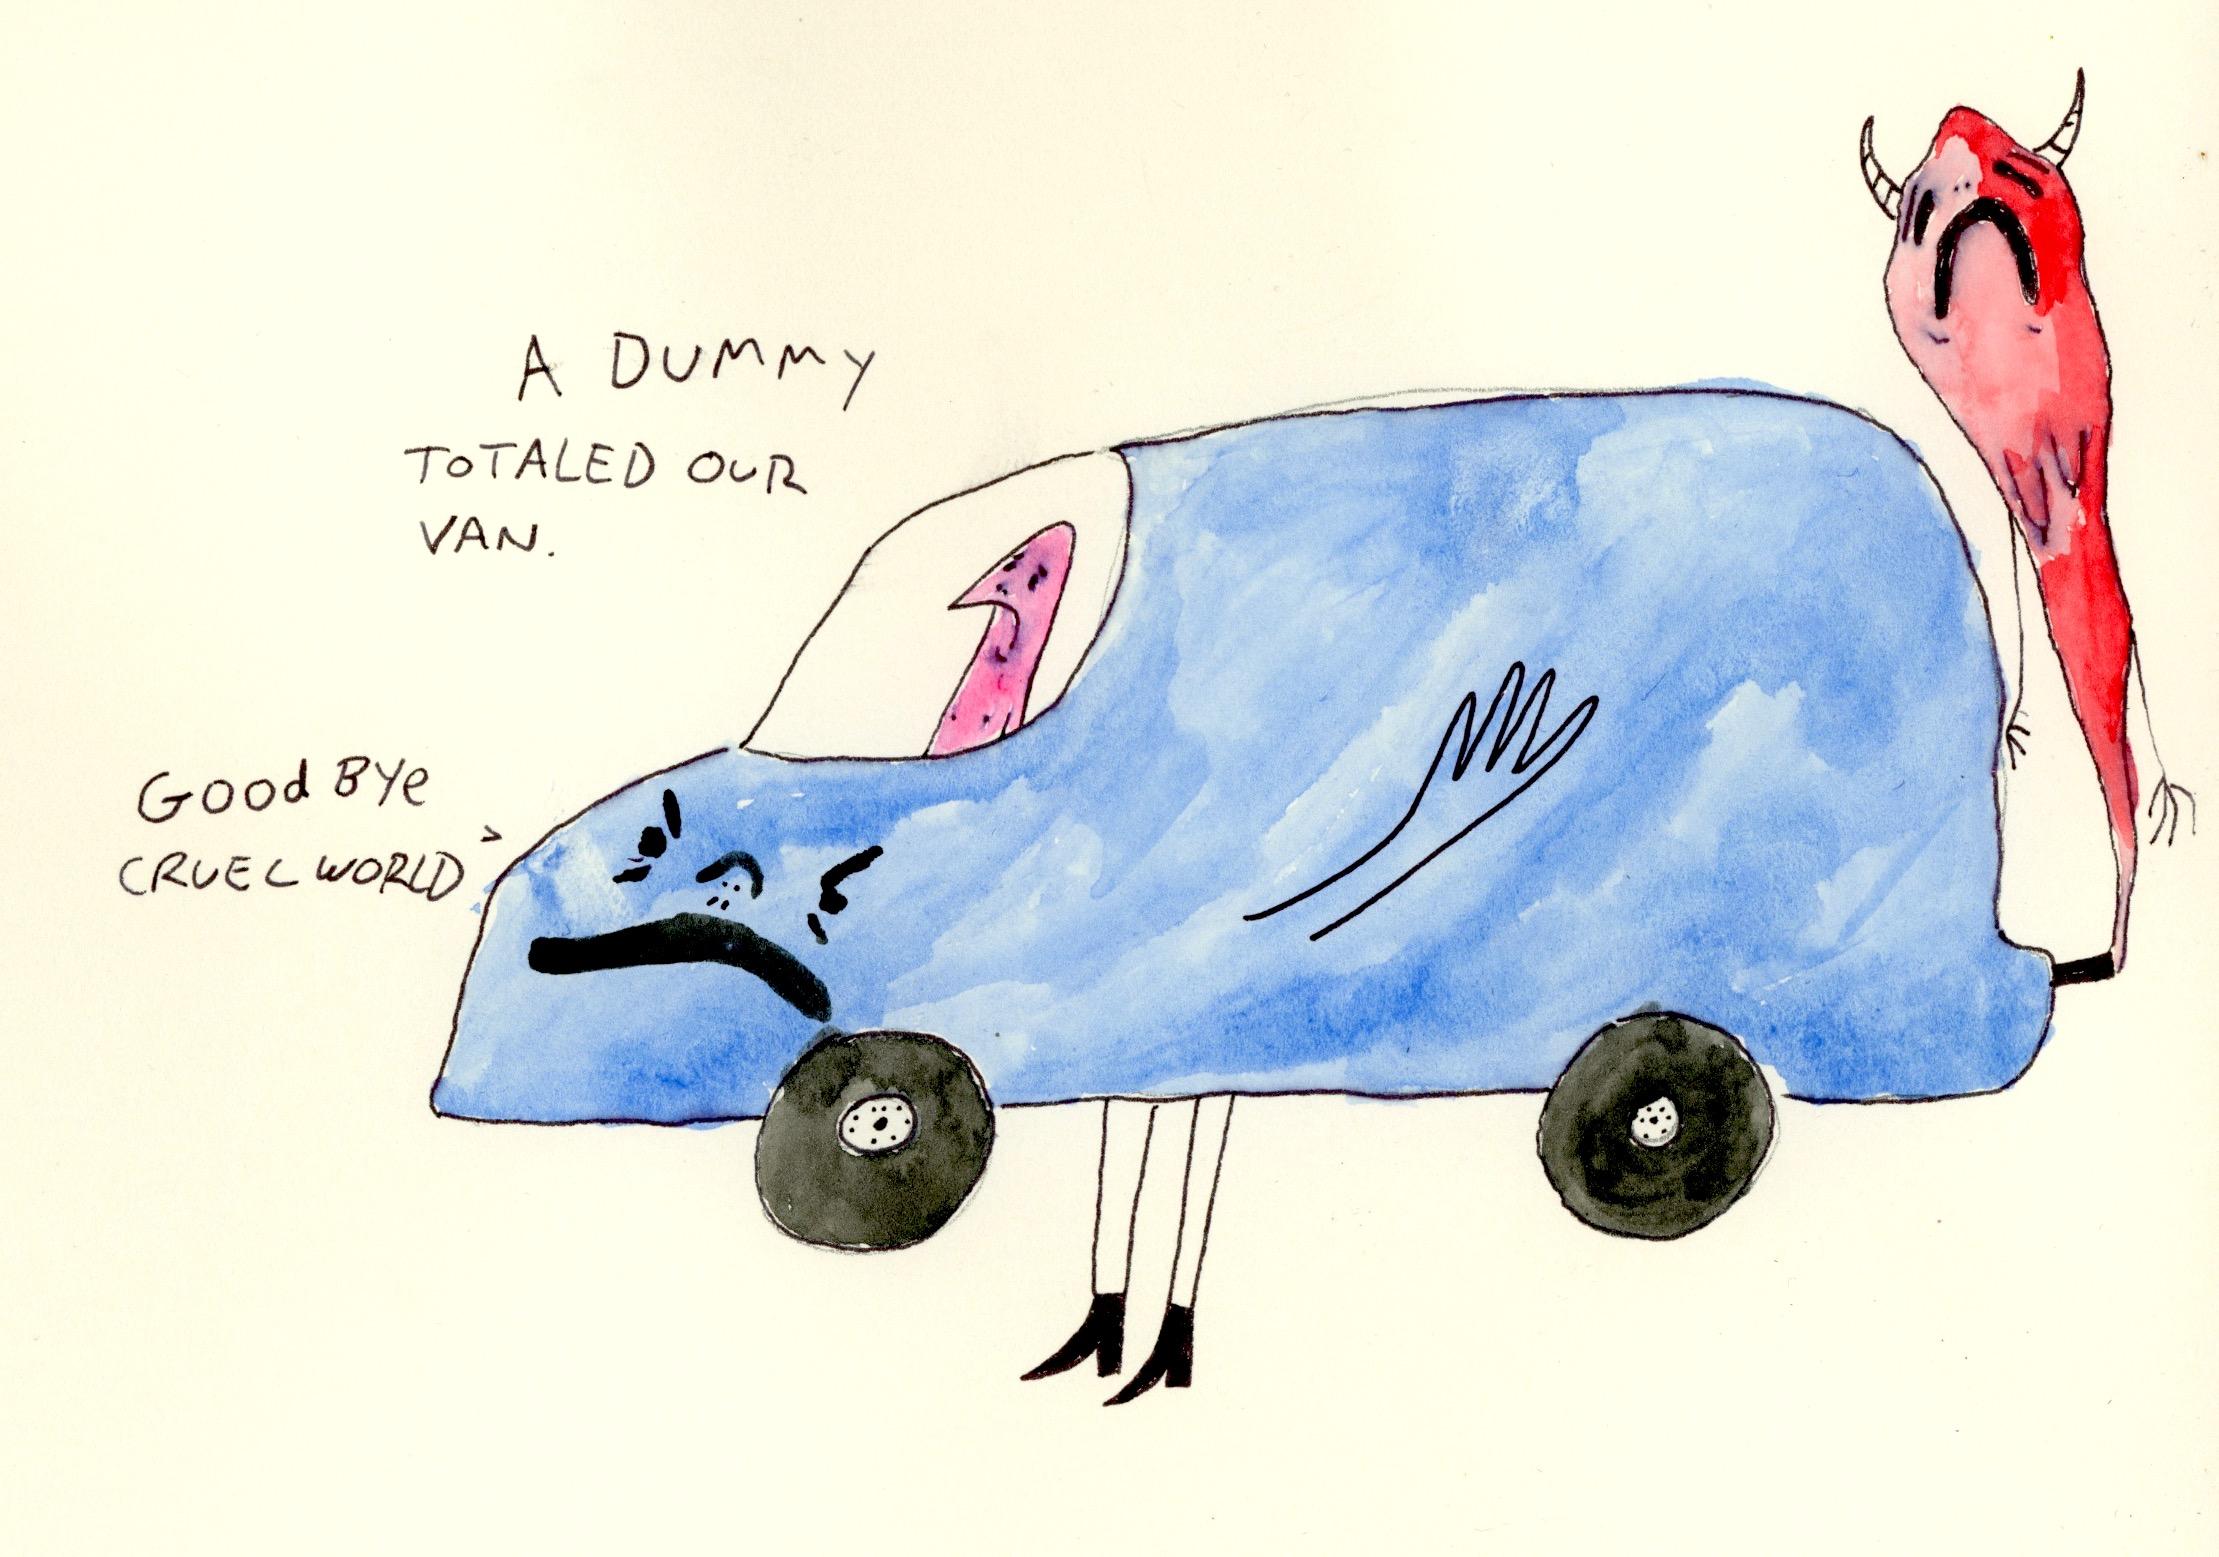 van's broke.jpeg